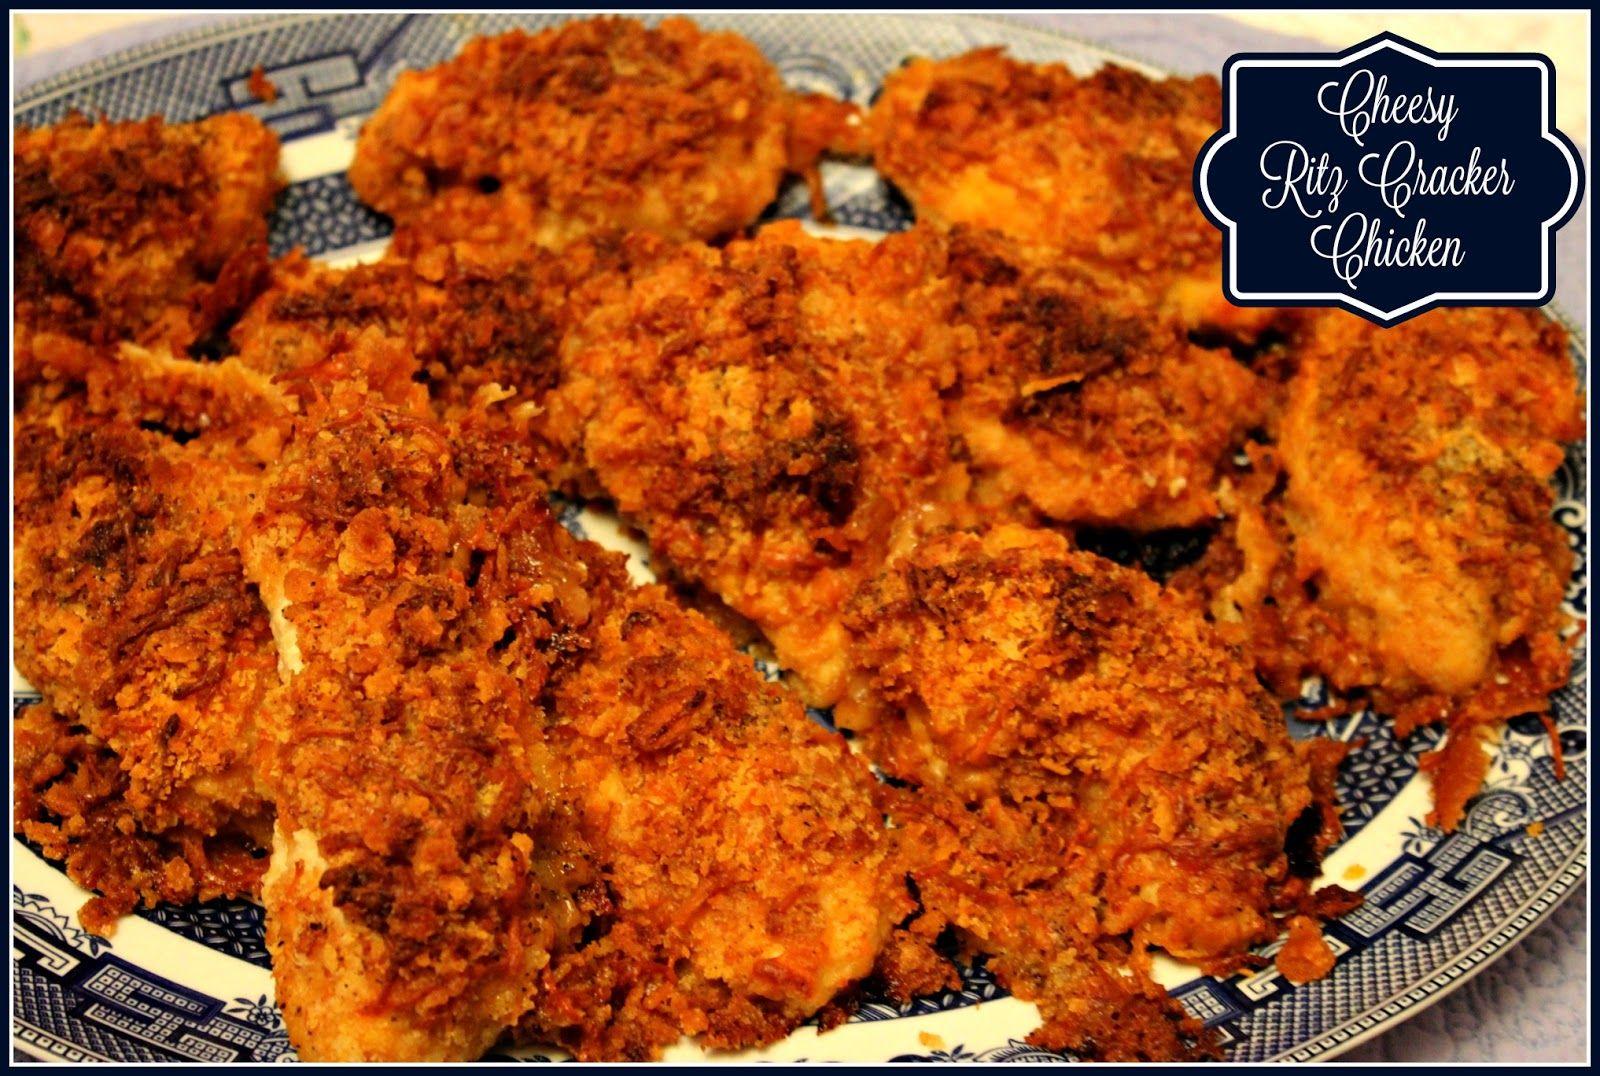 Cheesy ritz cracker chicken ritz cracker chicken